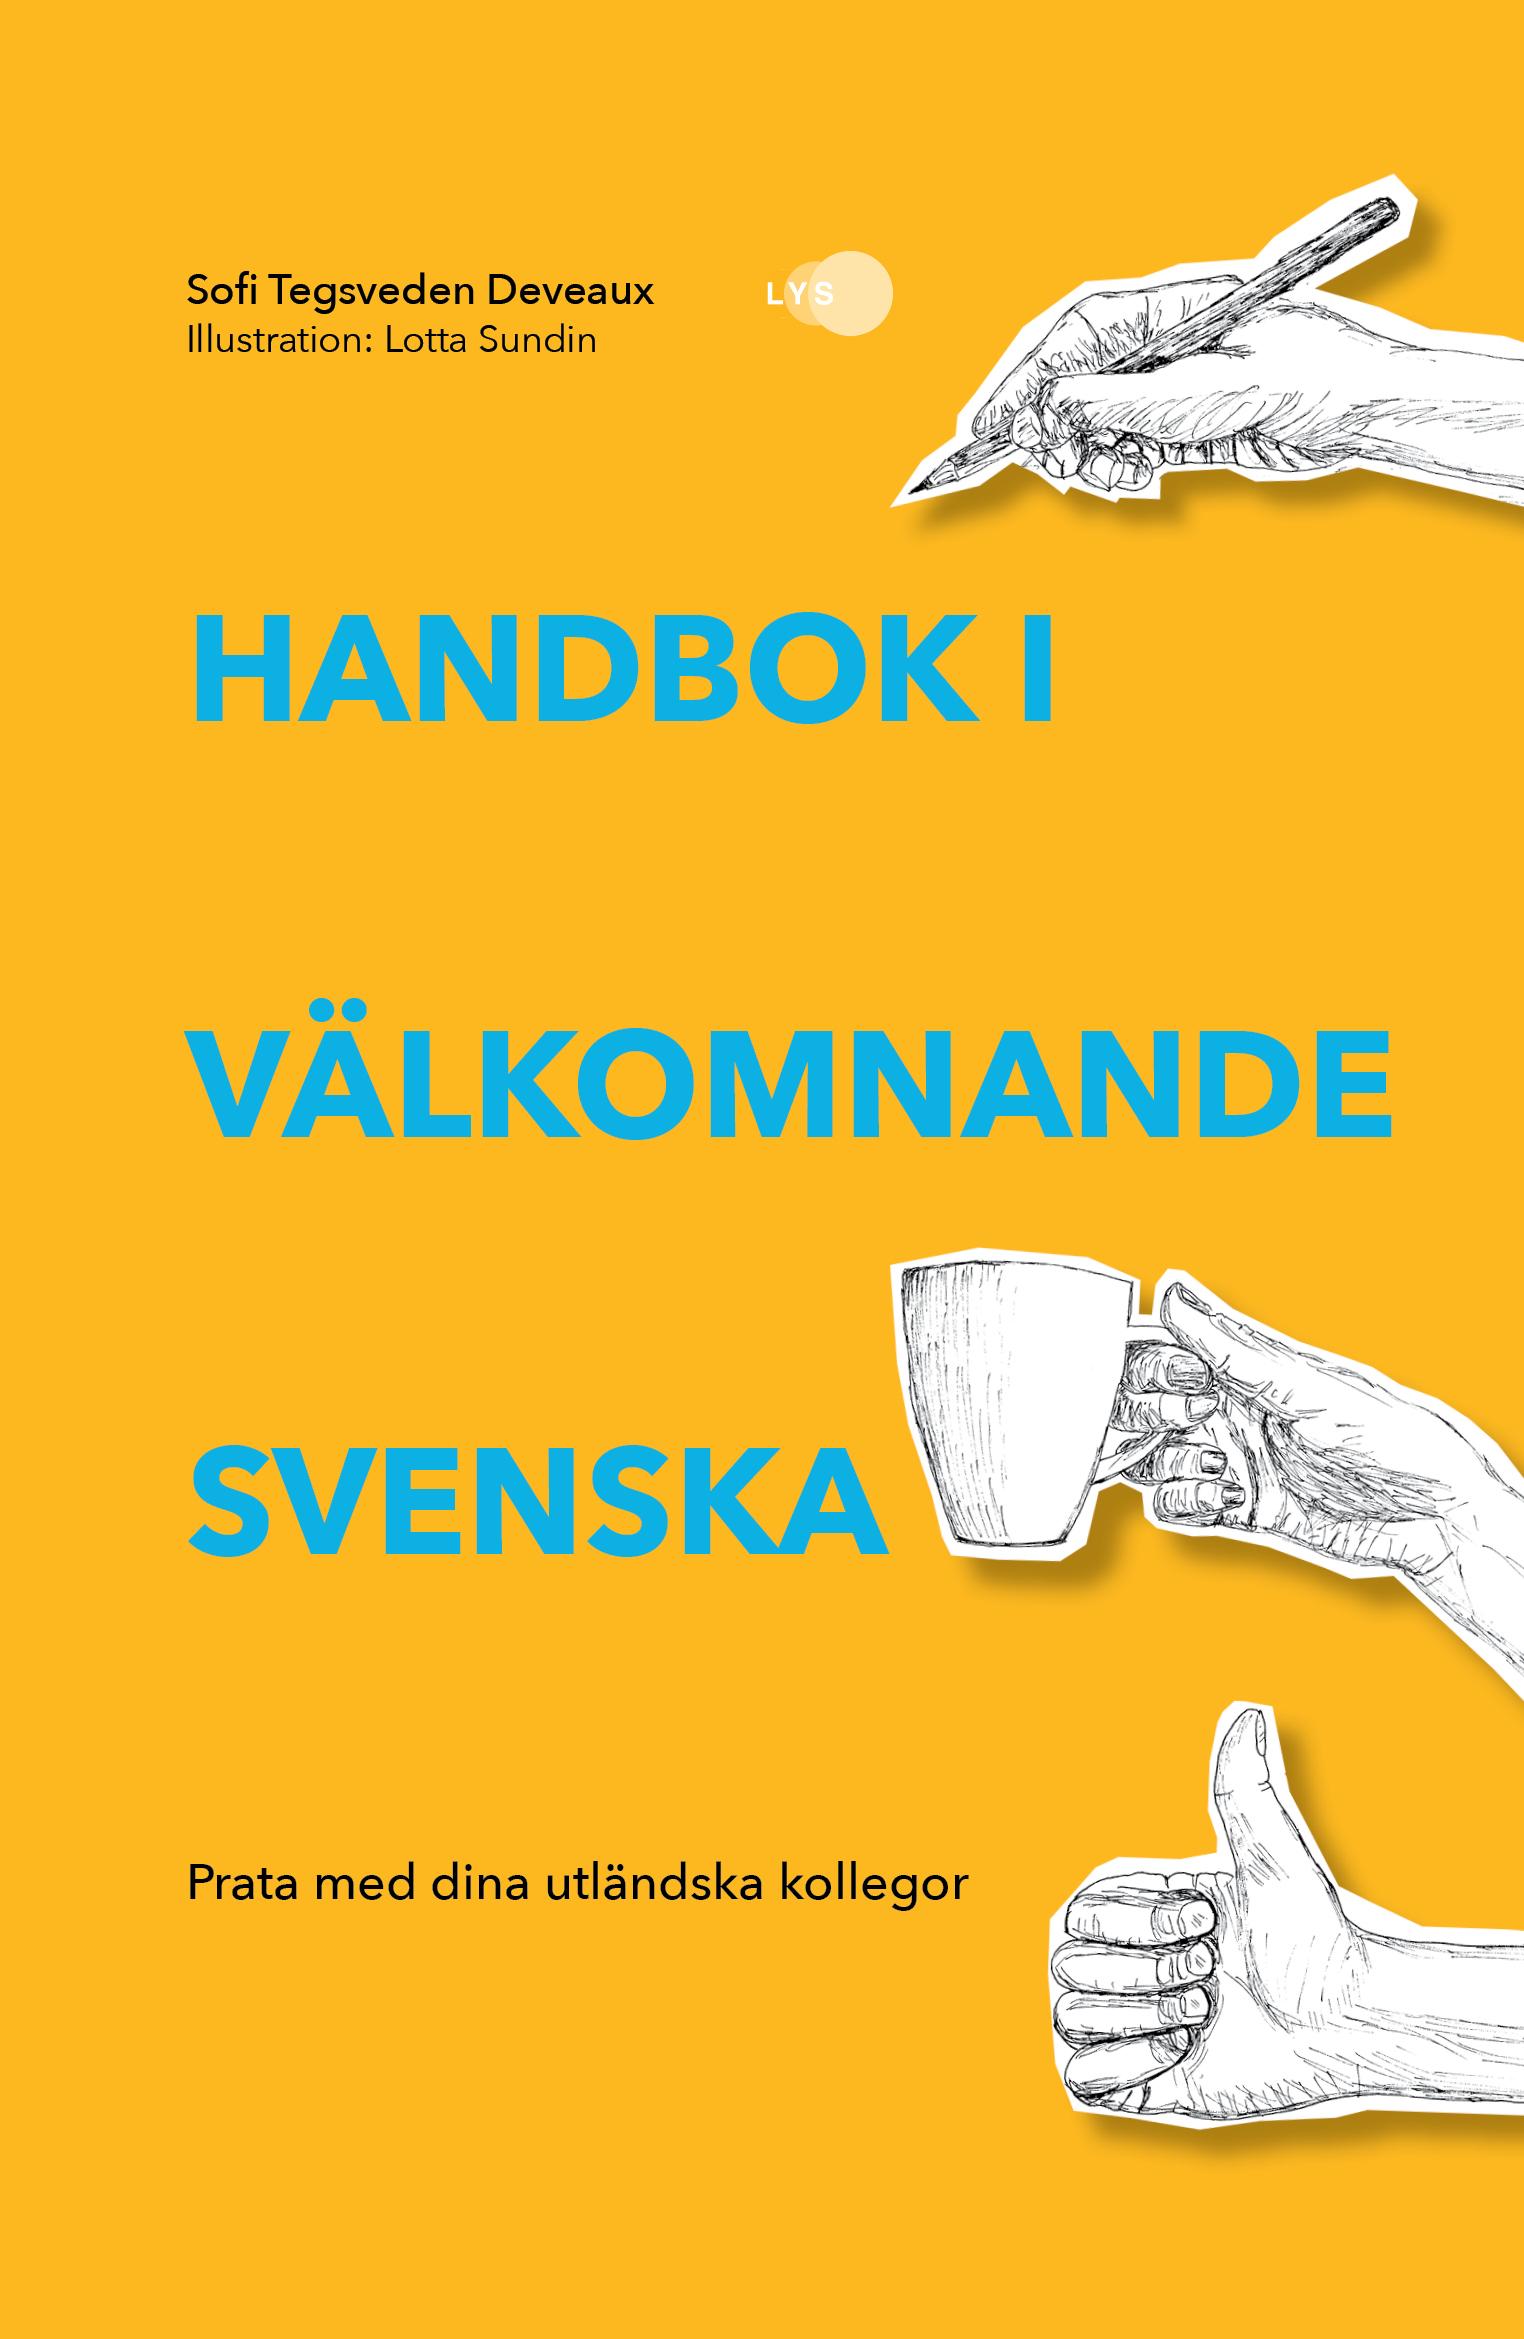 Handbok i välkomnande svenska